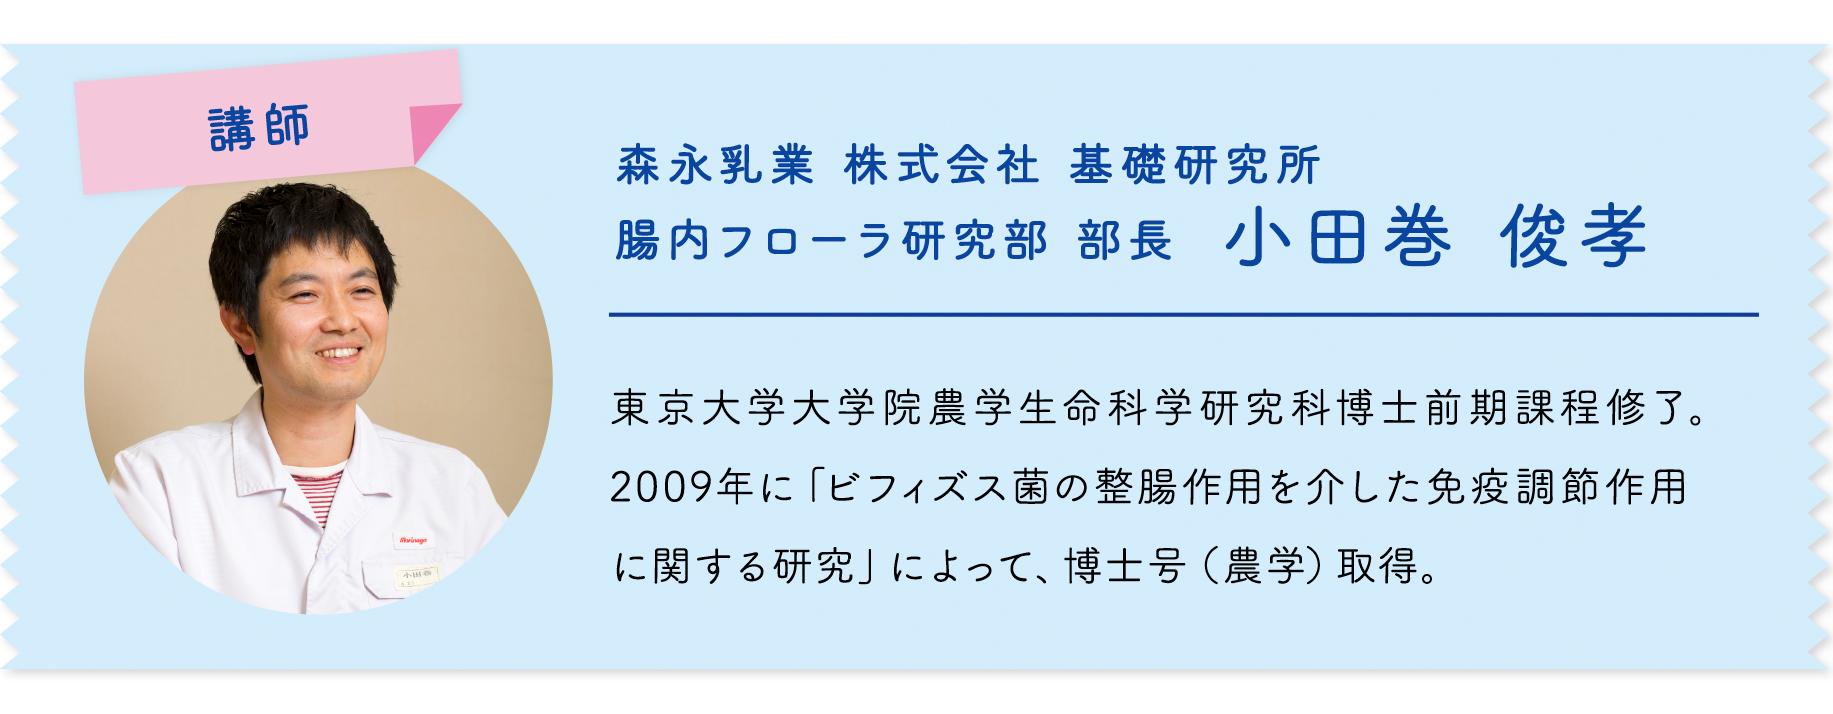 講師 森永乳業 株式会社 基礎研究所 腸内フローラ研究部 部長 小田巻 俊孝 東京大学大学院農学生命科学研究科博士前期課程修了。 2009年に「ビフィズス菌の整腸作用を介した免疫調節作用 に関する研究」によって、博士号(農学)取得。